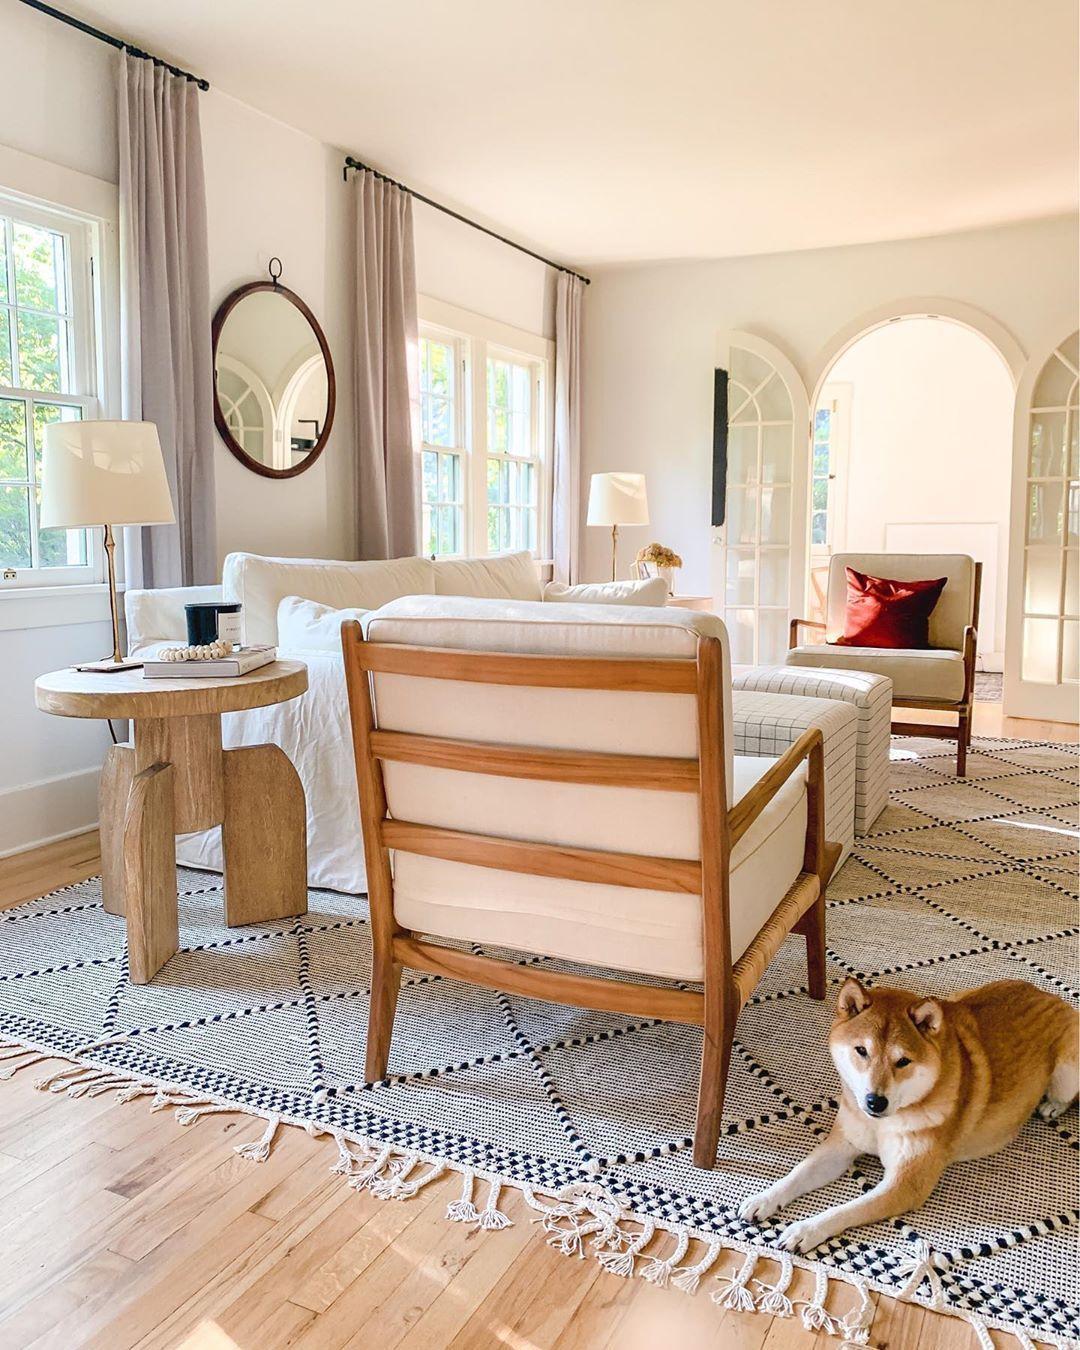 light-filled living room, living room inspiration, living room decor ideas #livingroominspiration #interiors #homedecor